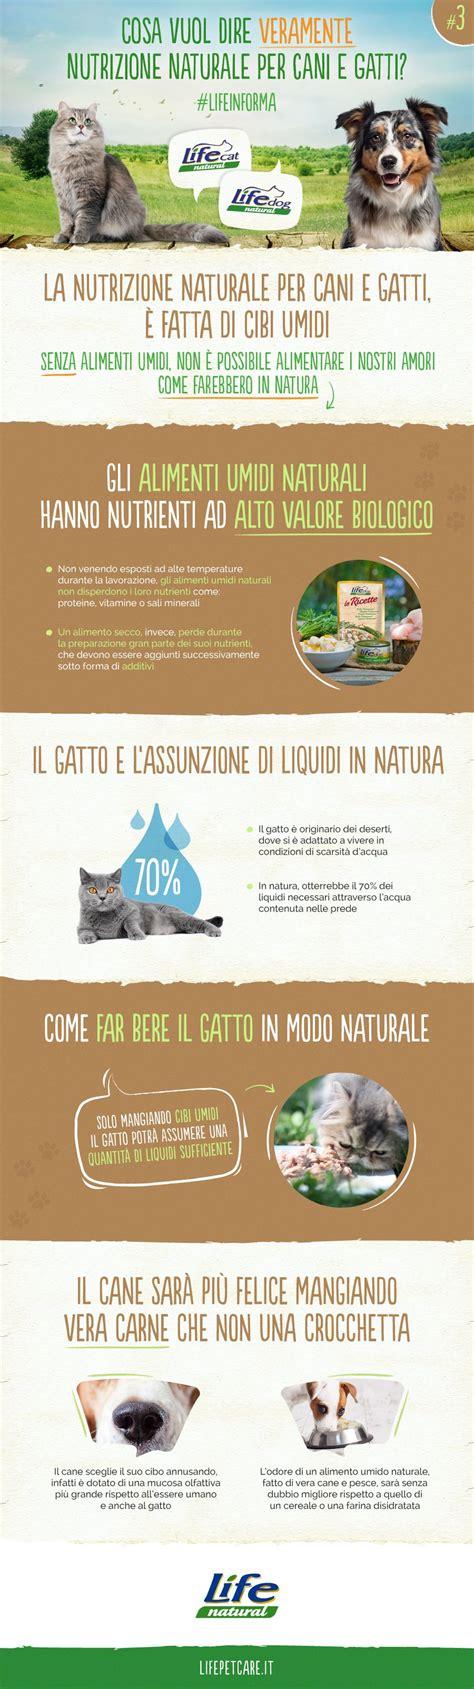 alimenti naturali per gatti 3 la nutrizione naturale per cani e gatti 200 fatta di